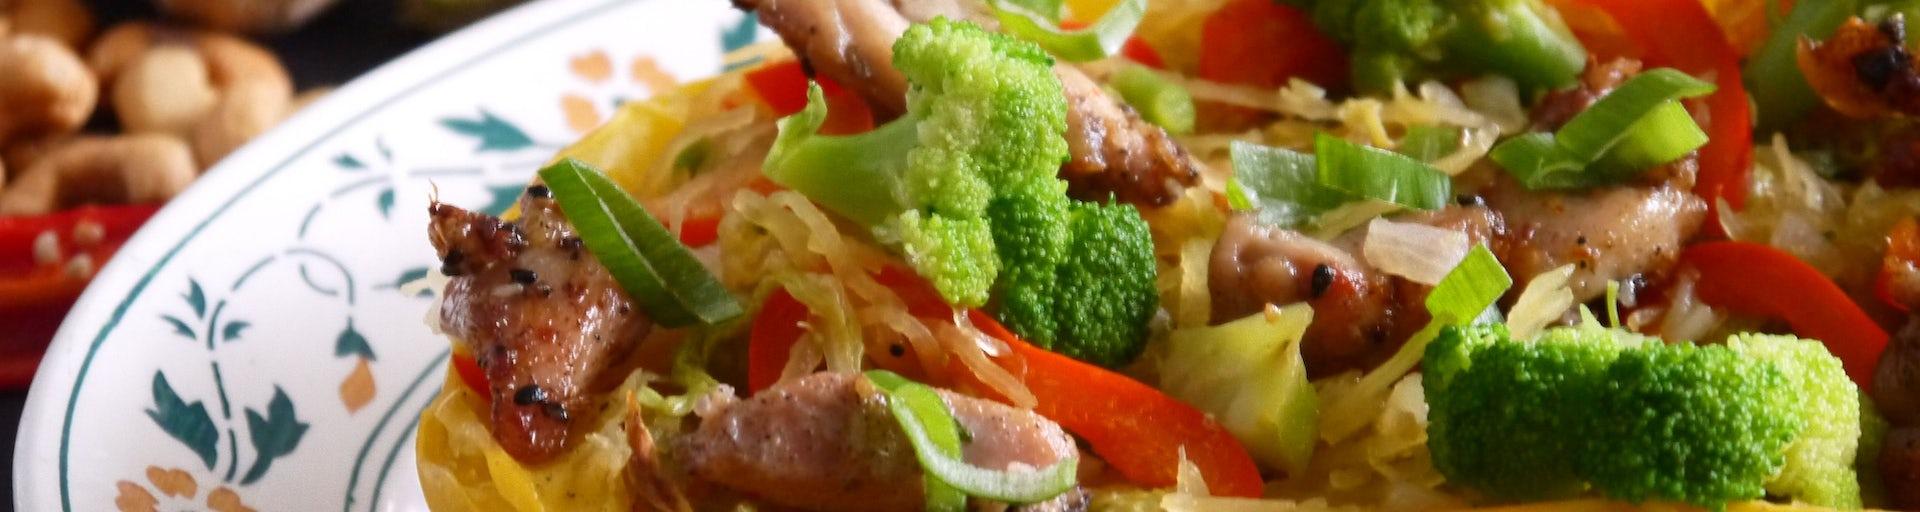 3836 Spaghettipompoennoedels Met Roerbak Van Kip Broccoli En Paprika